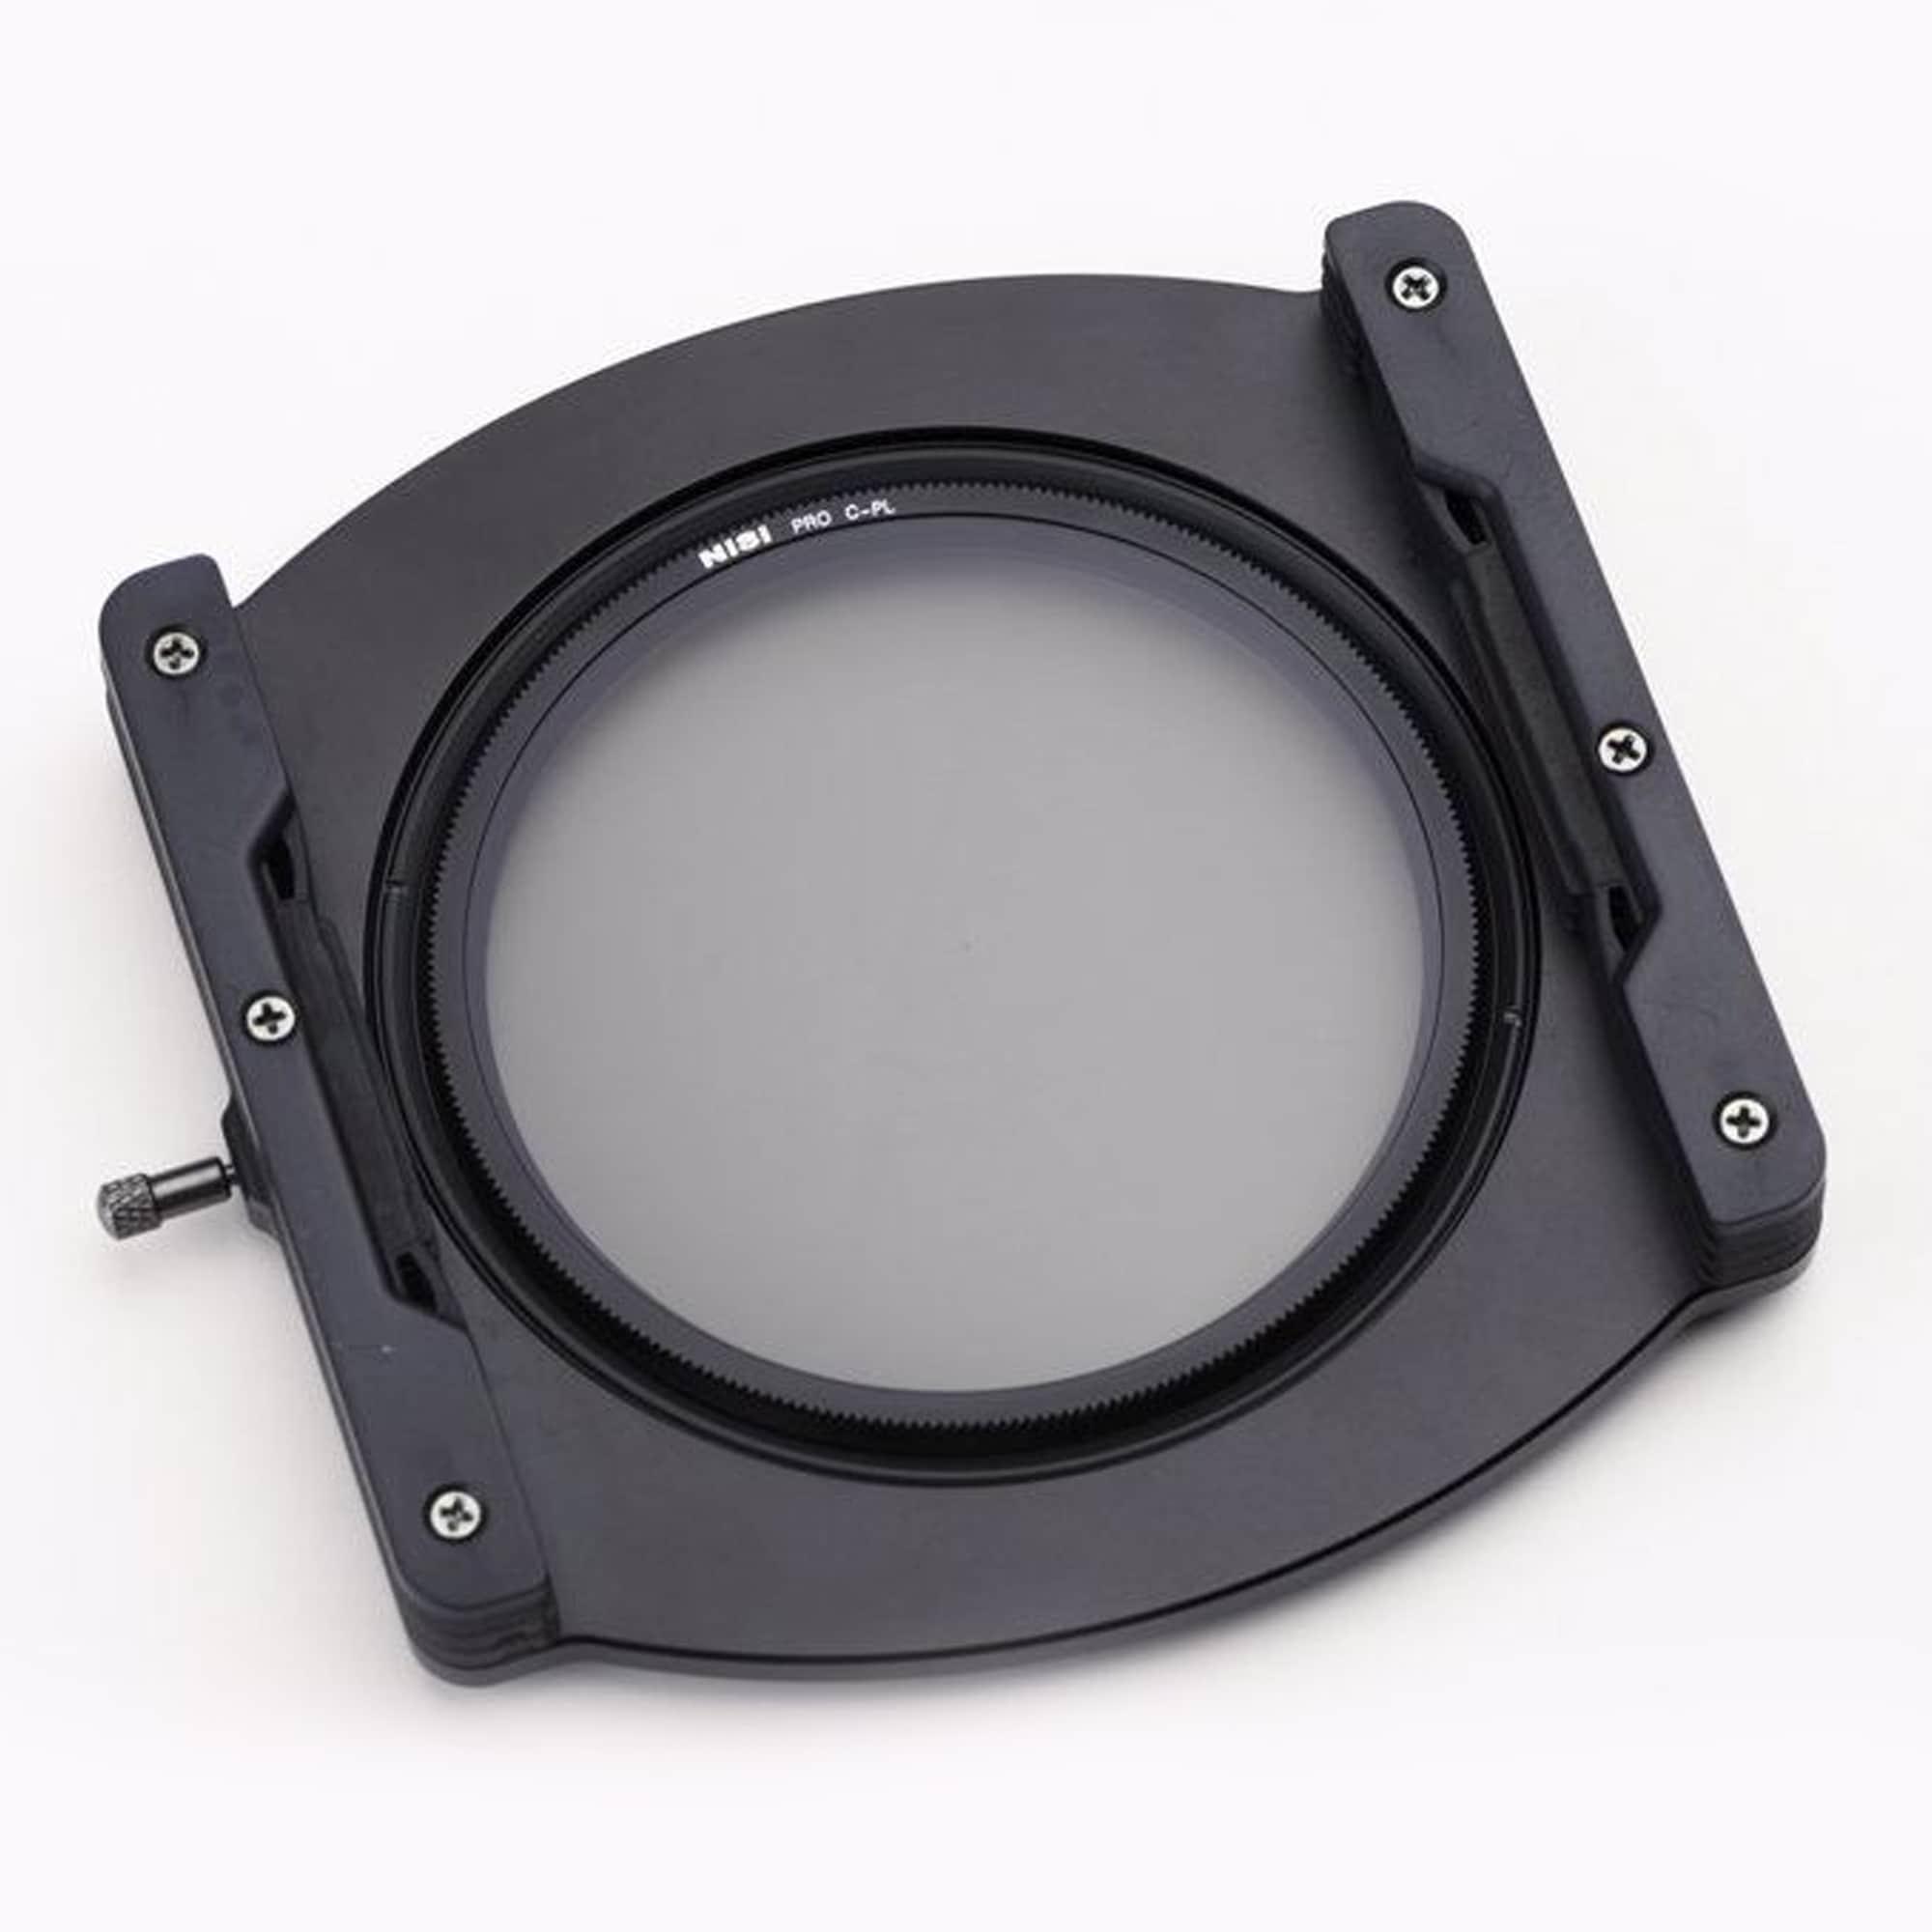 Nisi Filterhållare V5 PRO 100mm System